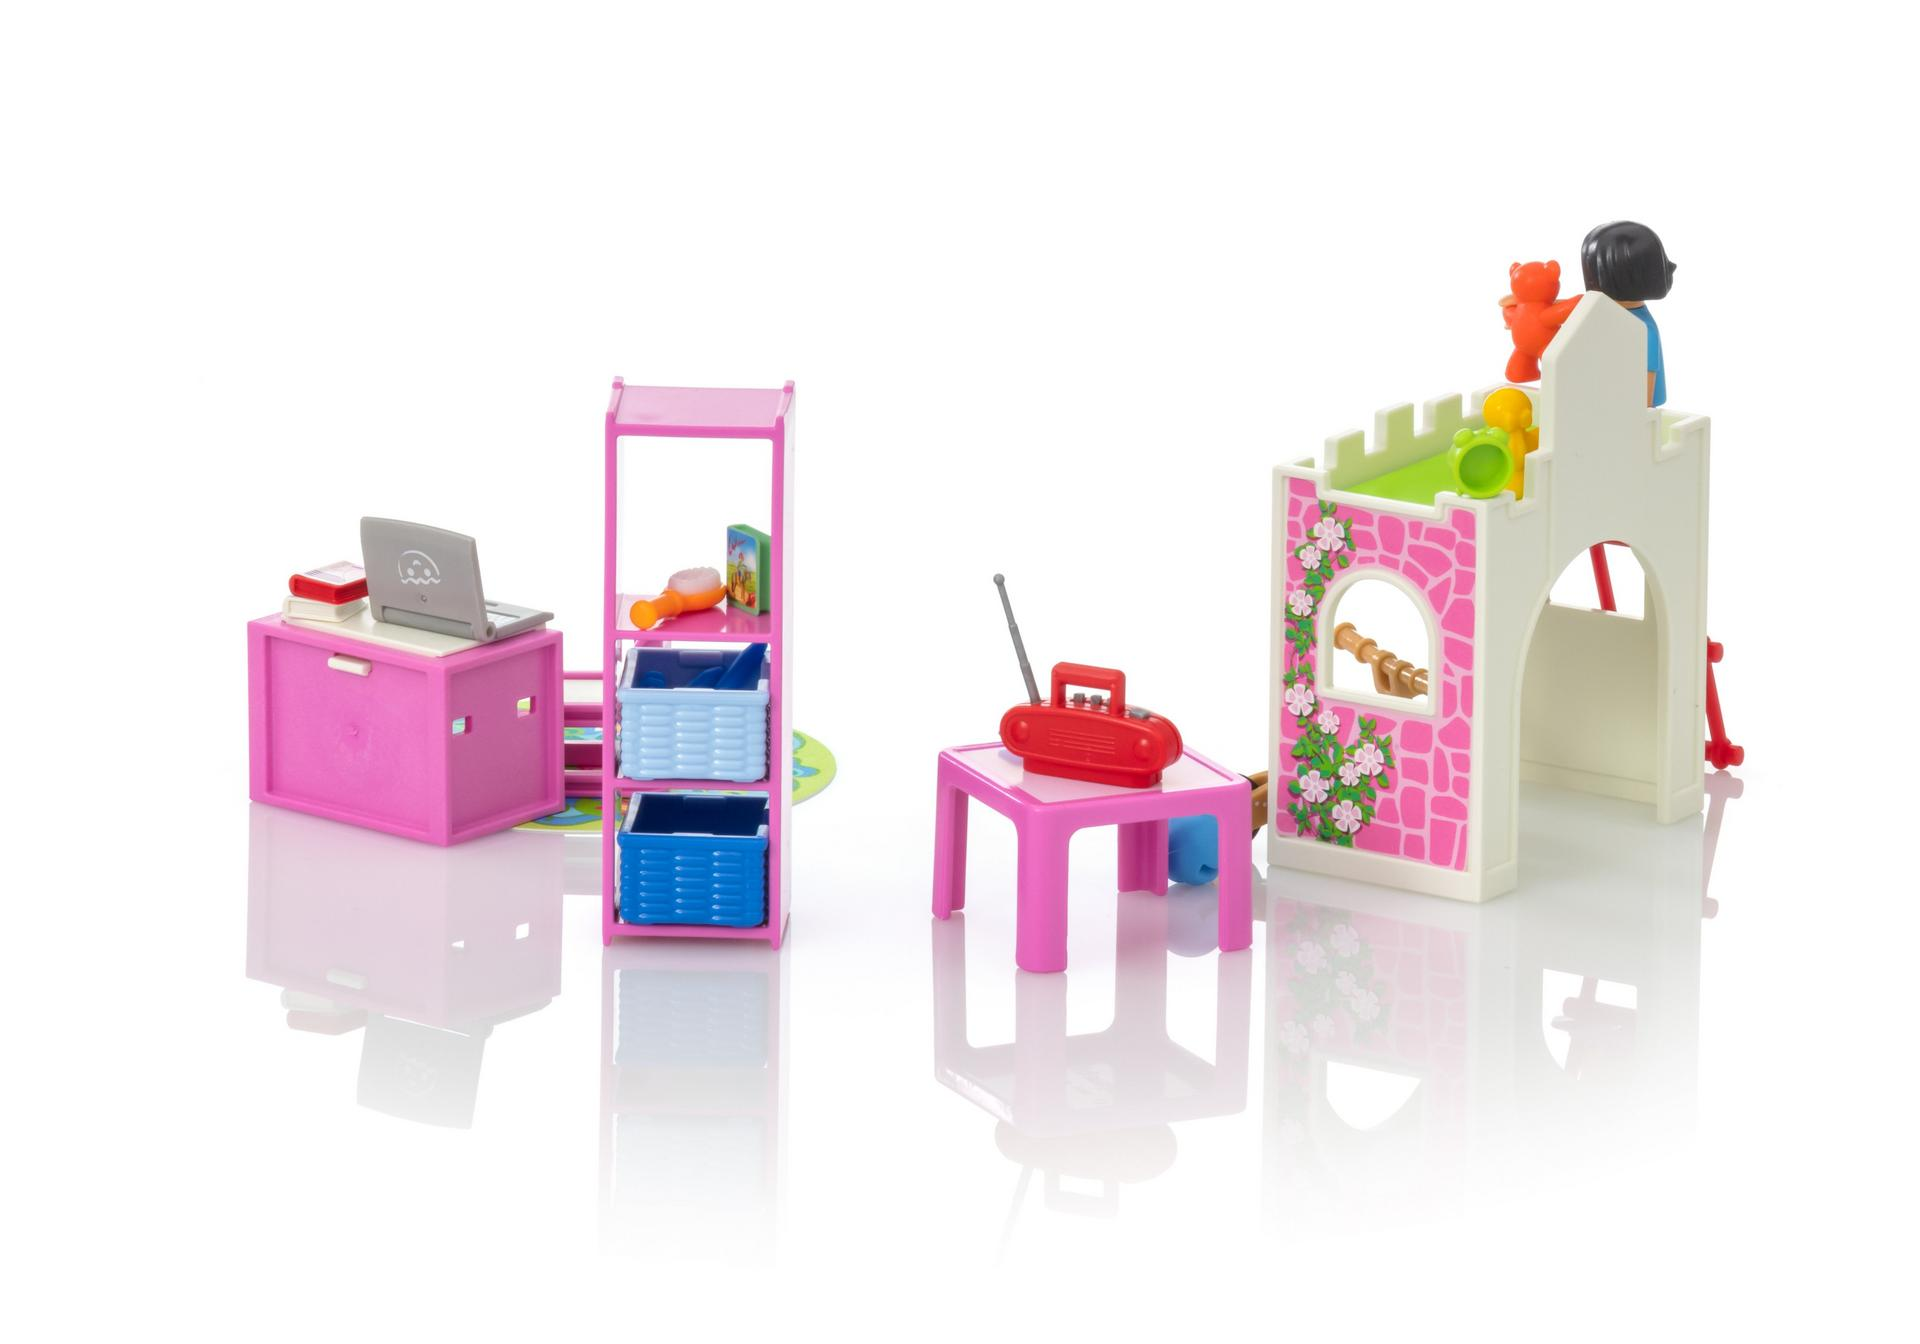 Ungew Hnlich Buntes Kinderzimmer Playmobil Galerie